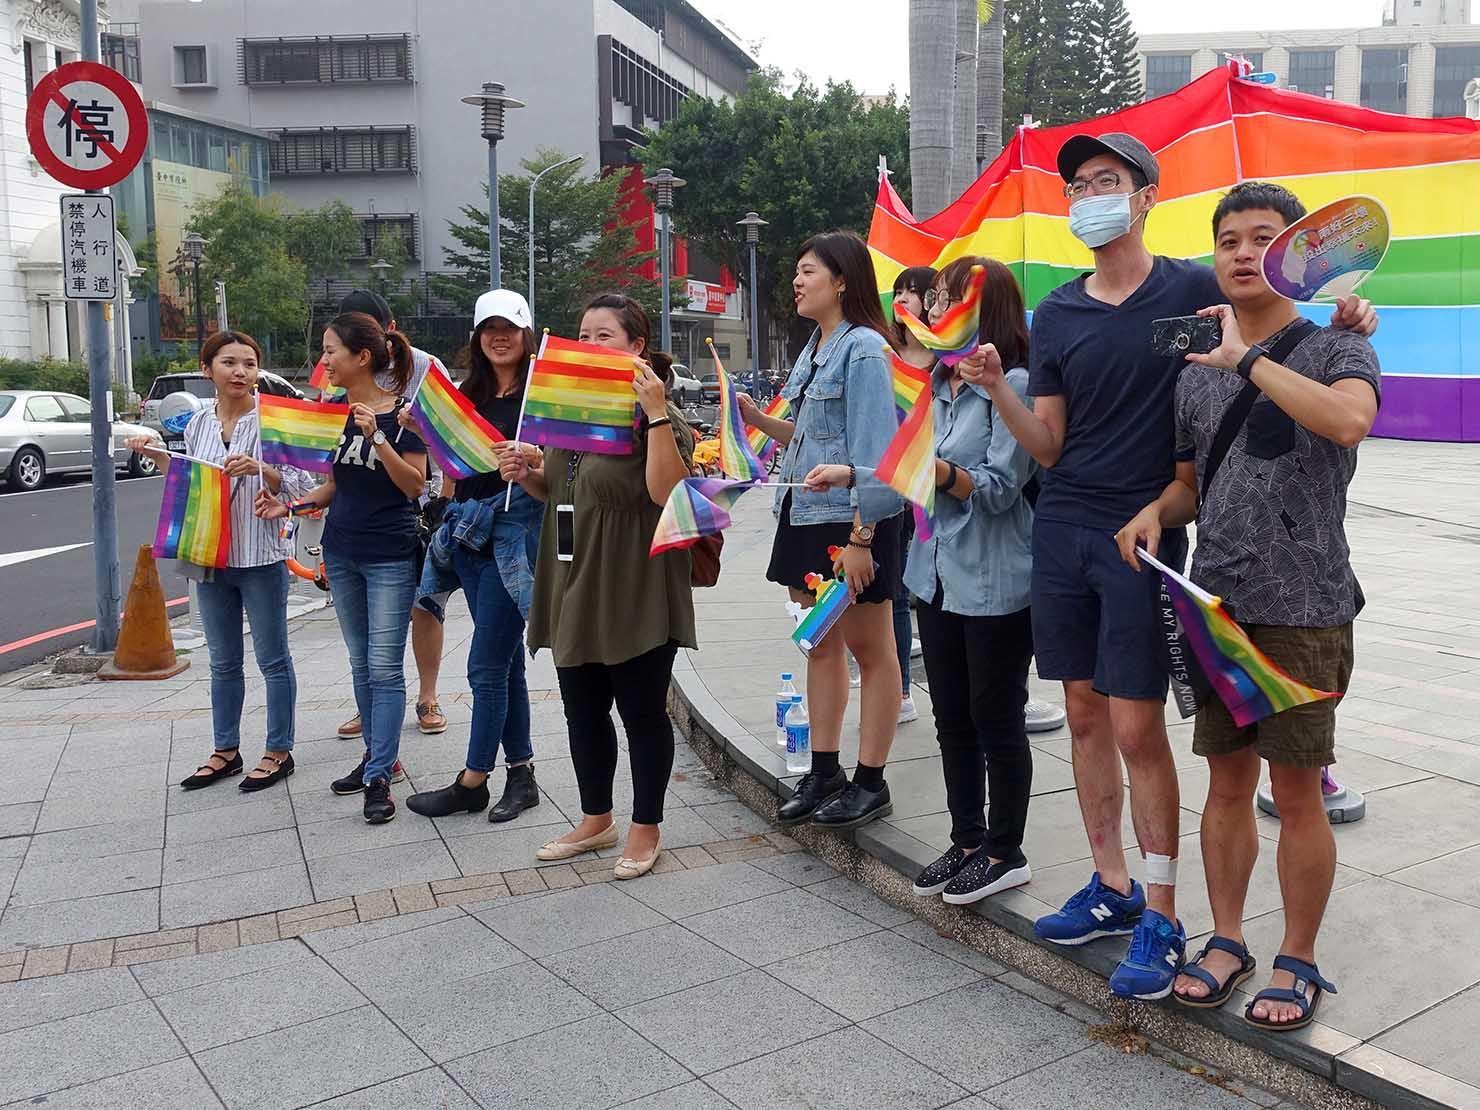 台中同志遊行(台中LGBTプライド)2018パレードの沿道からエールを送る参加者